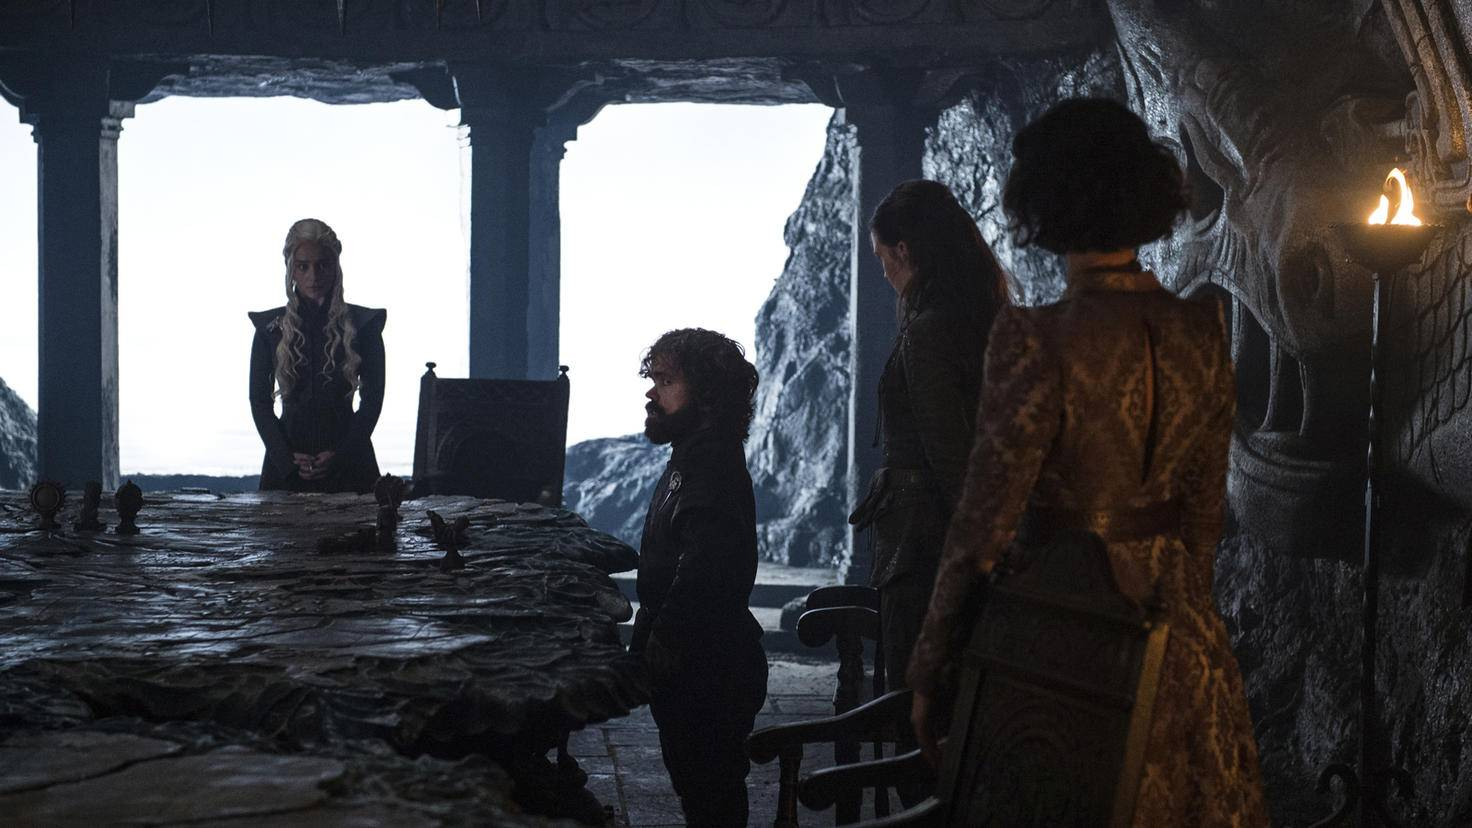 Mit den Drachen über Königsmund hinwegfegen kommt für Daenerys Targaryen nicht infrage.